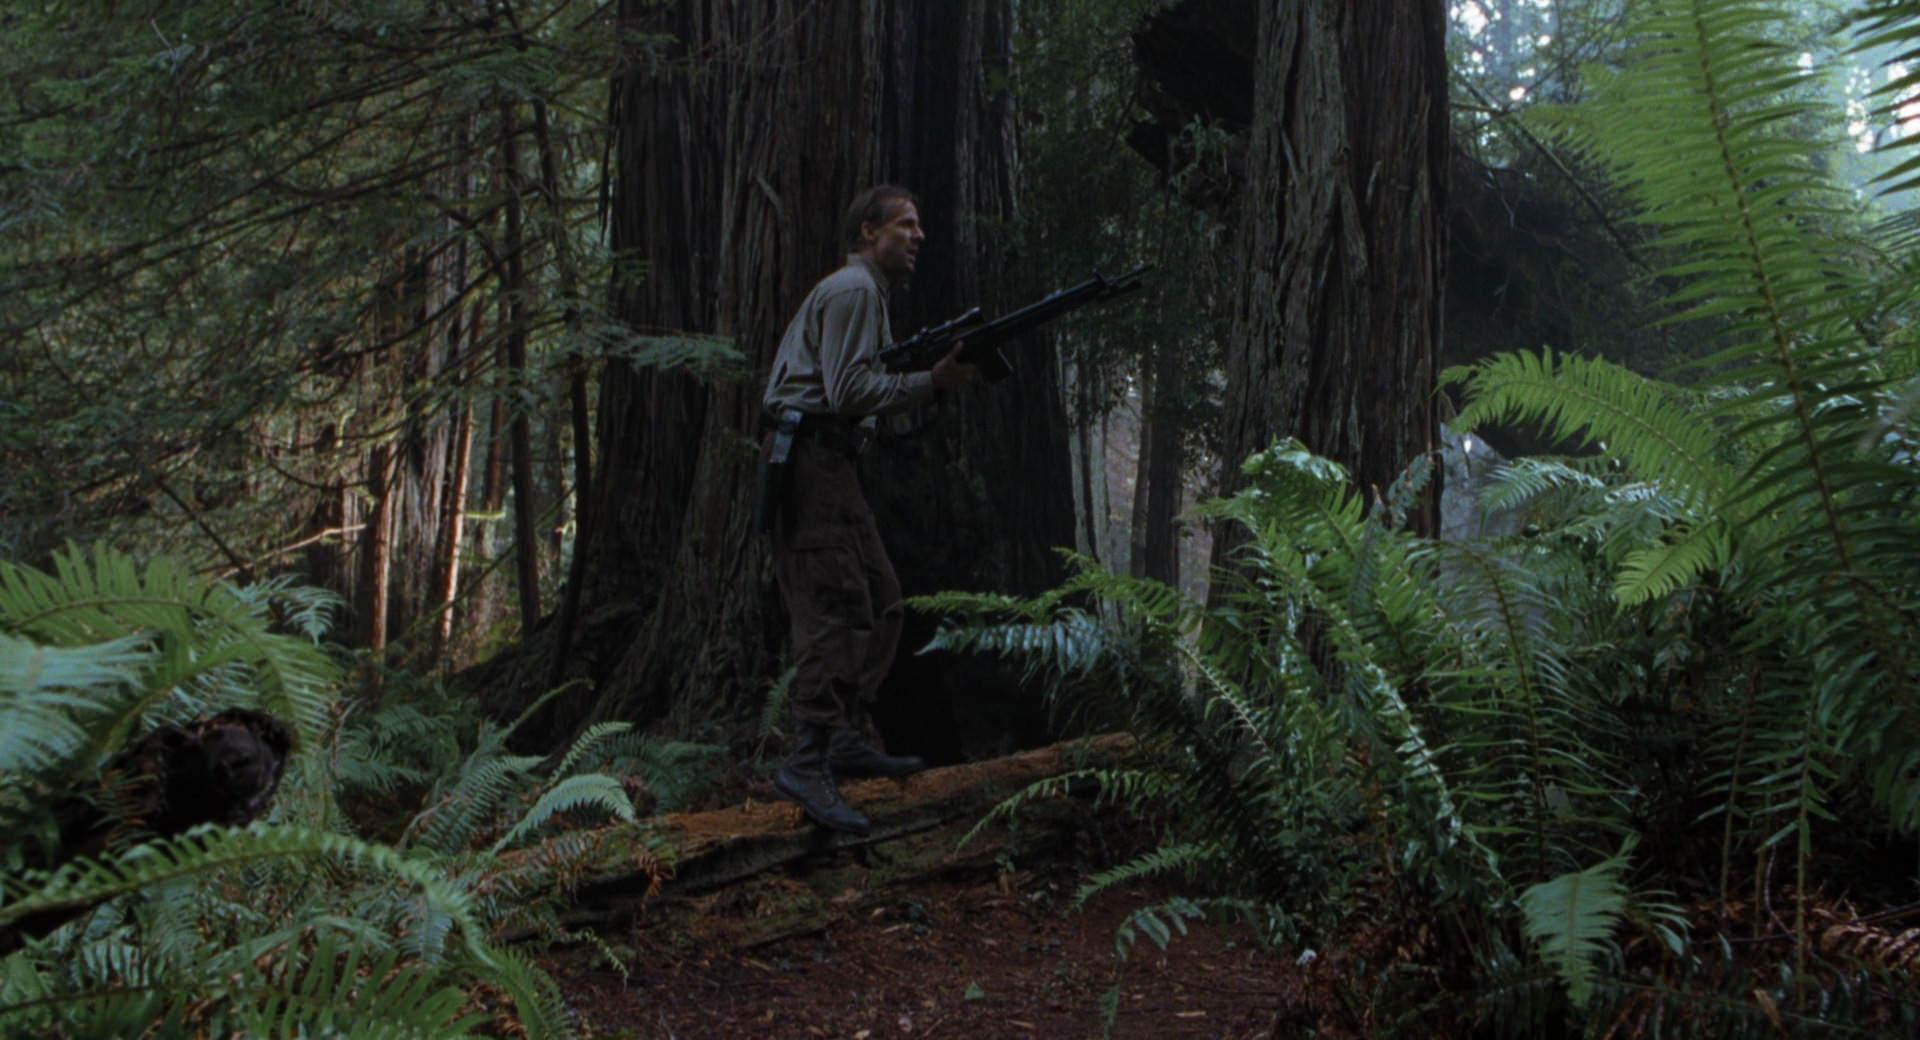 The Lost World Jurassic Park Screencaps are here Jurassic-lost-world-movie-screencaps.com-8816